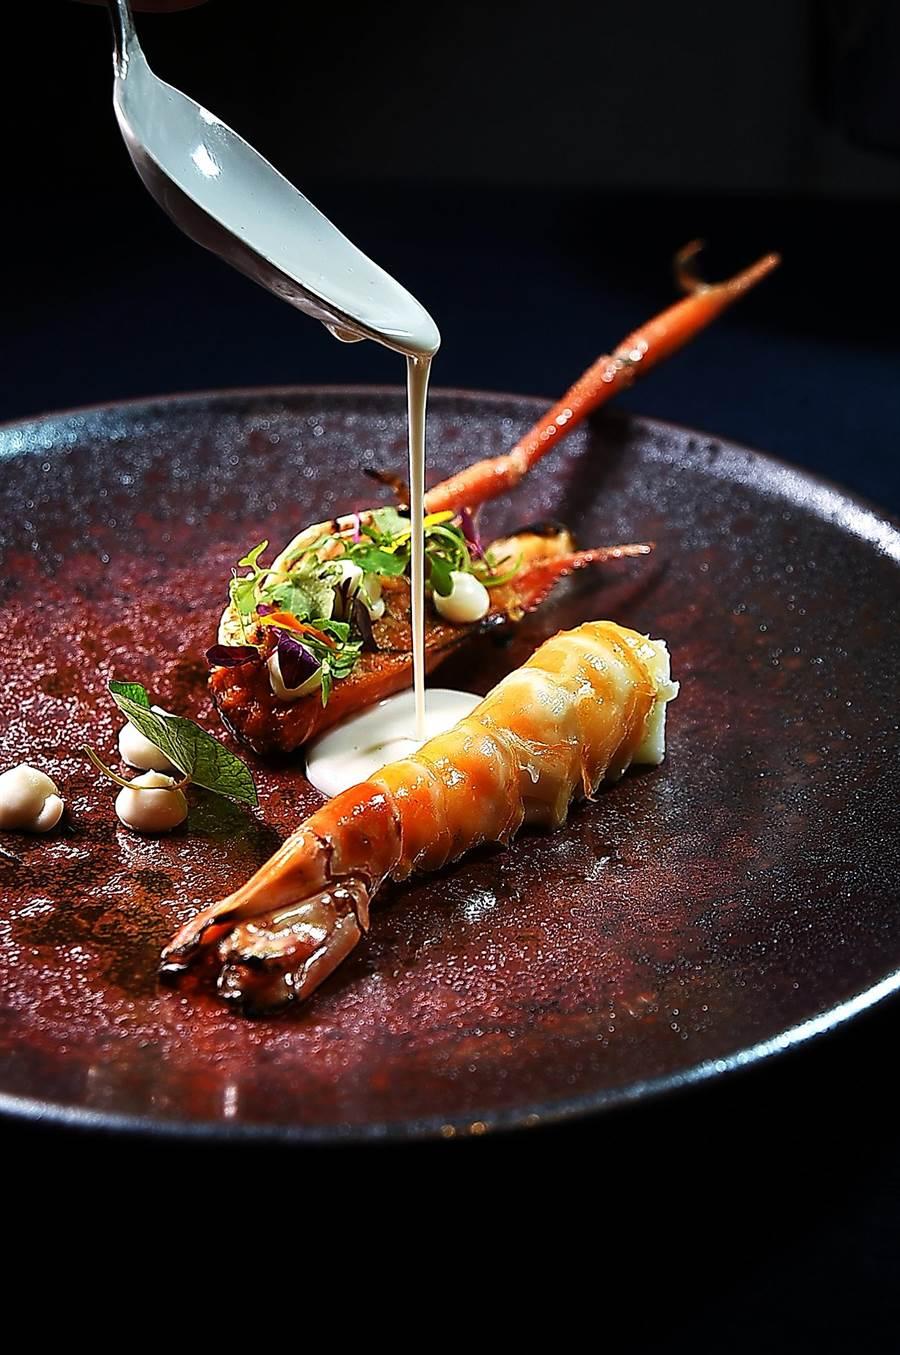 〈泰國蝦 / 咖哩 / 南薑〉的蝦頭在蝦膏助威下風味濃郁,蝦身肉質口感飽滿,提味醬汁是用香茅、檸檬葉、南薑放進椰漿煮過,再魚露跟鹽調味。(圖/姚舜)